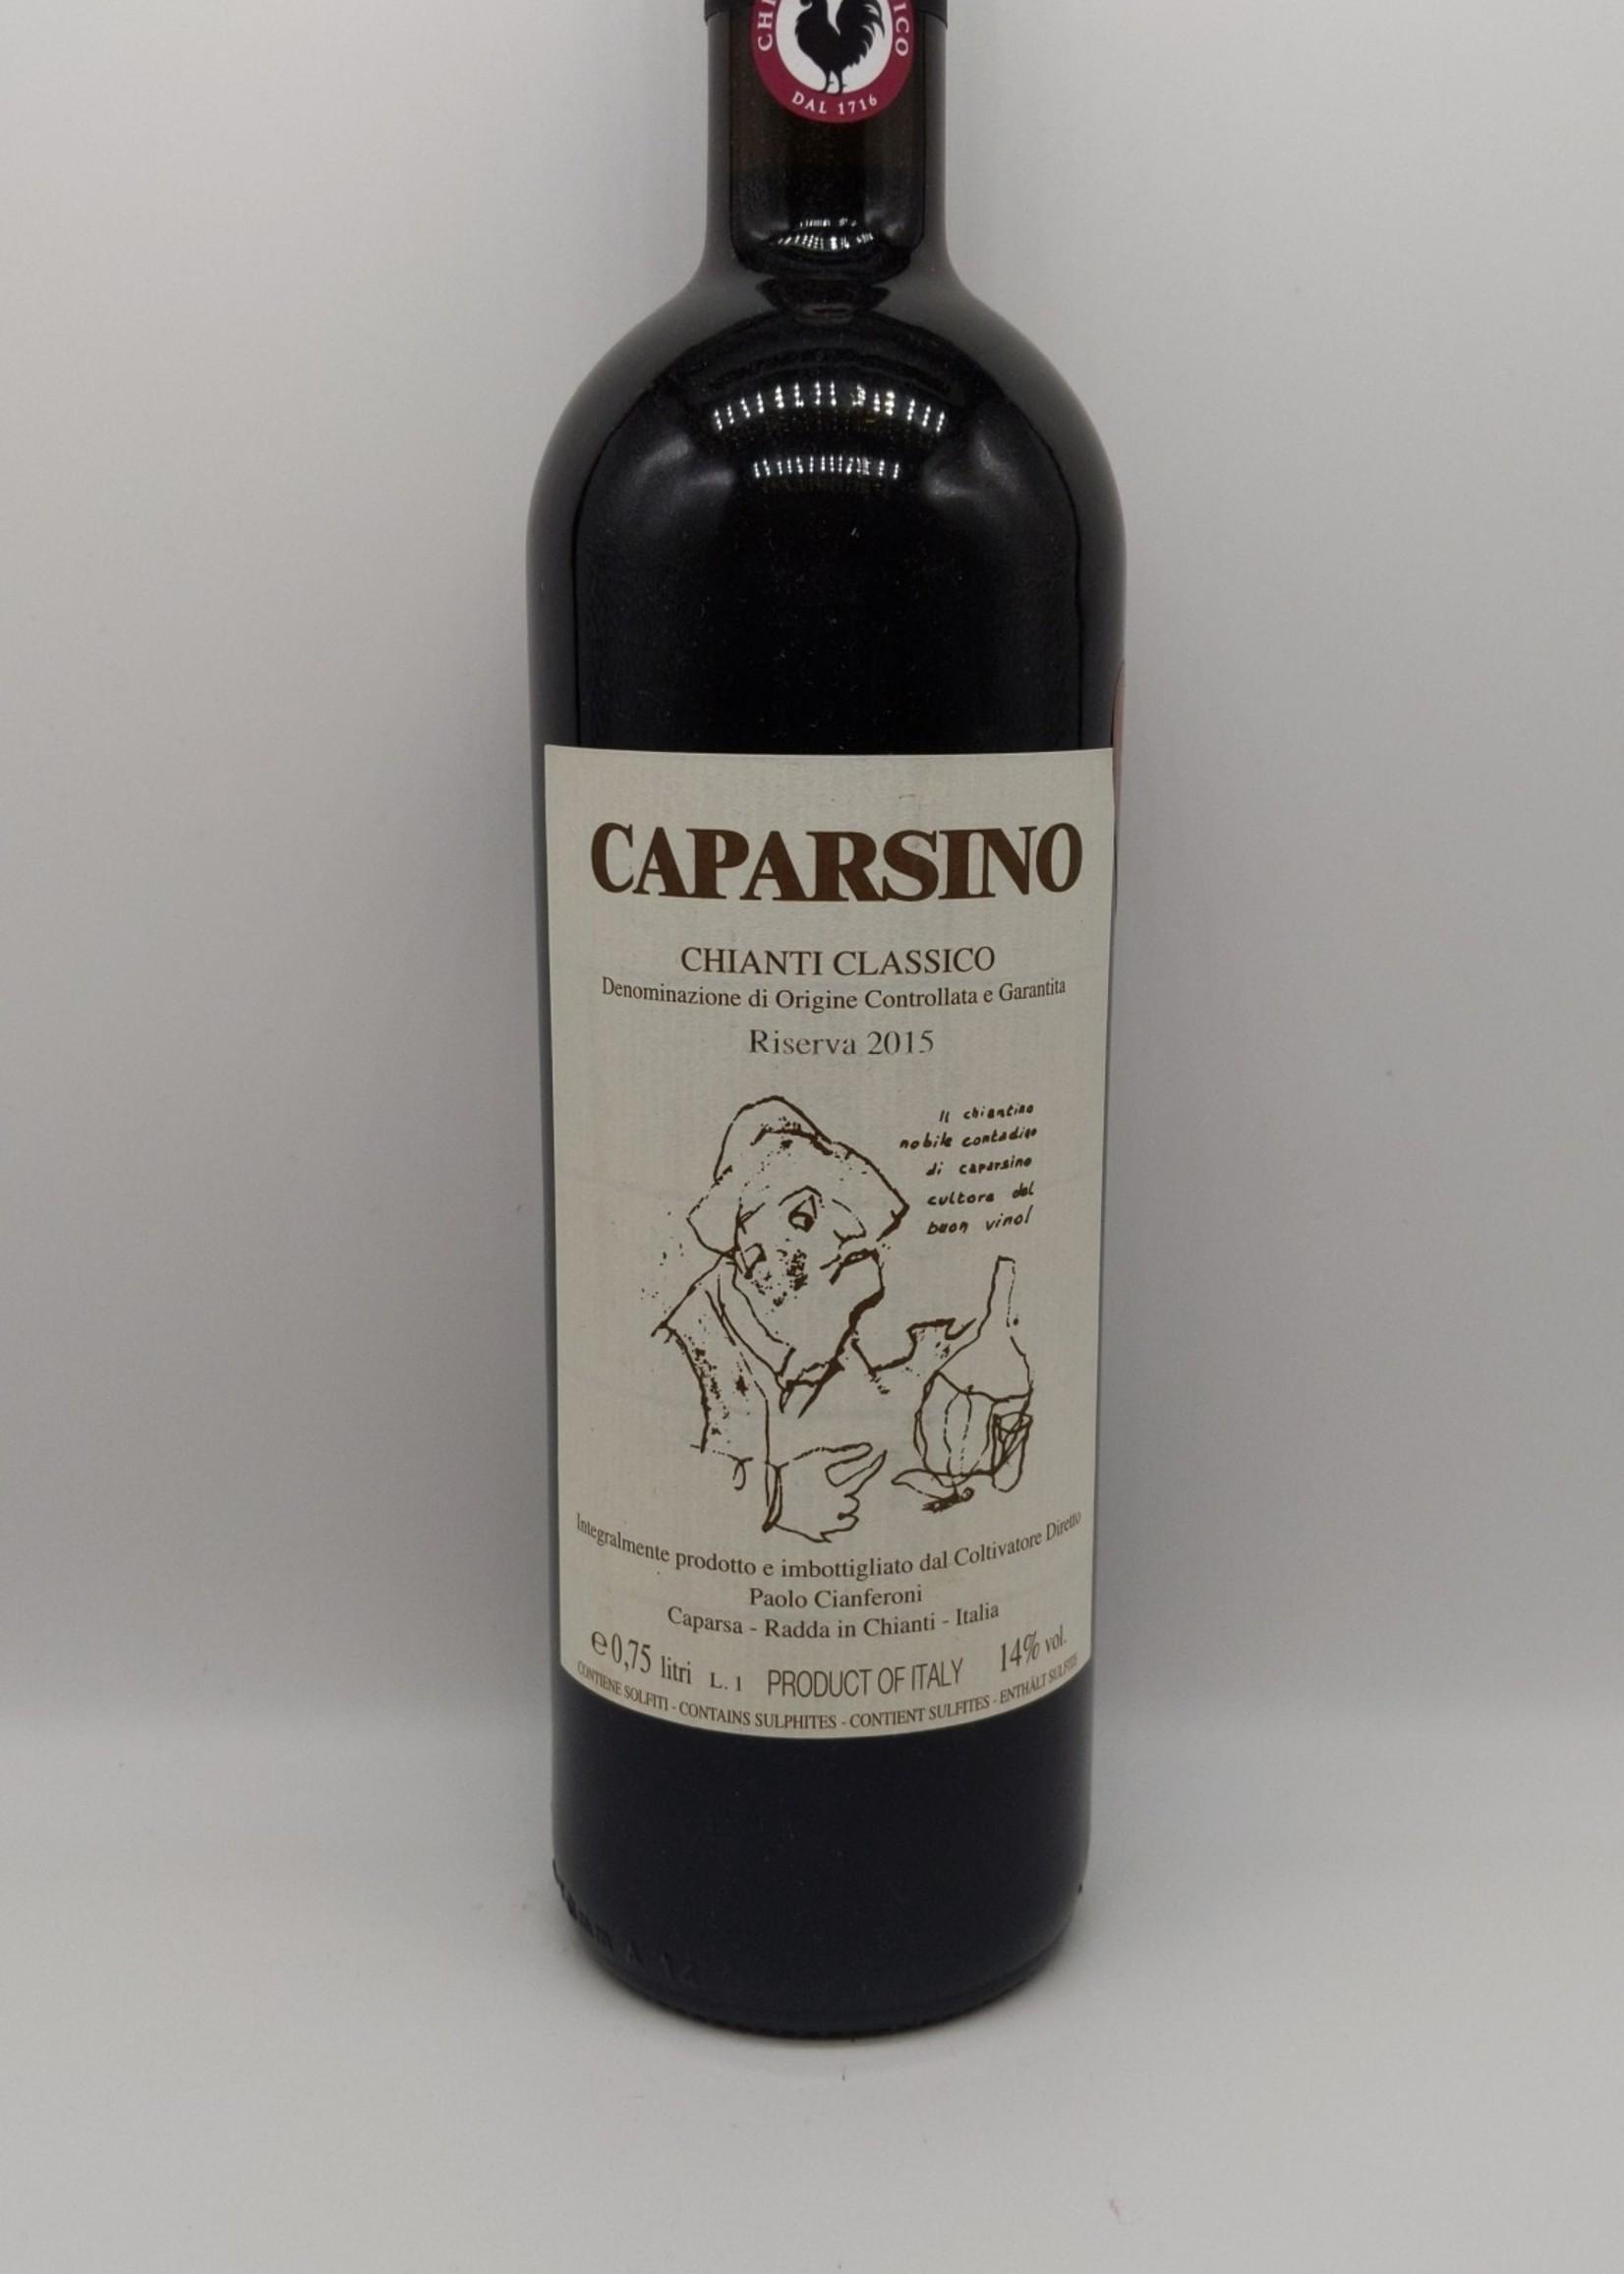 2015 CAPARSA CAPARSINO CHIANTI CLASSICO RISERVA 750ml